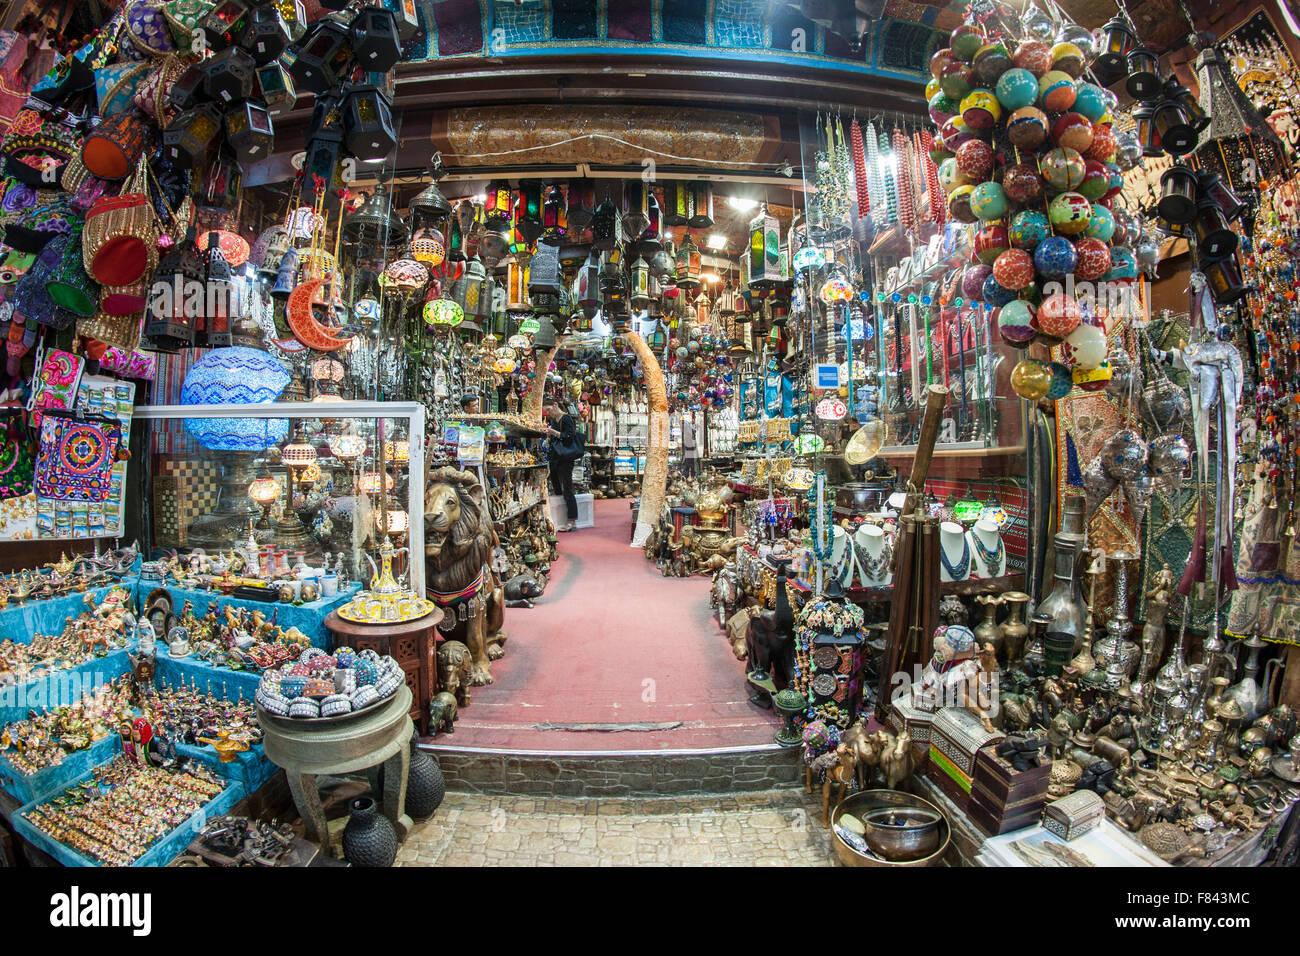 Curiosidades para la venta en el zoco Mutrah en Mascate, la capital del Sultanato de Omán. Imagen De Stock